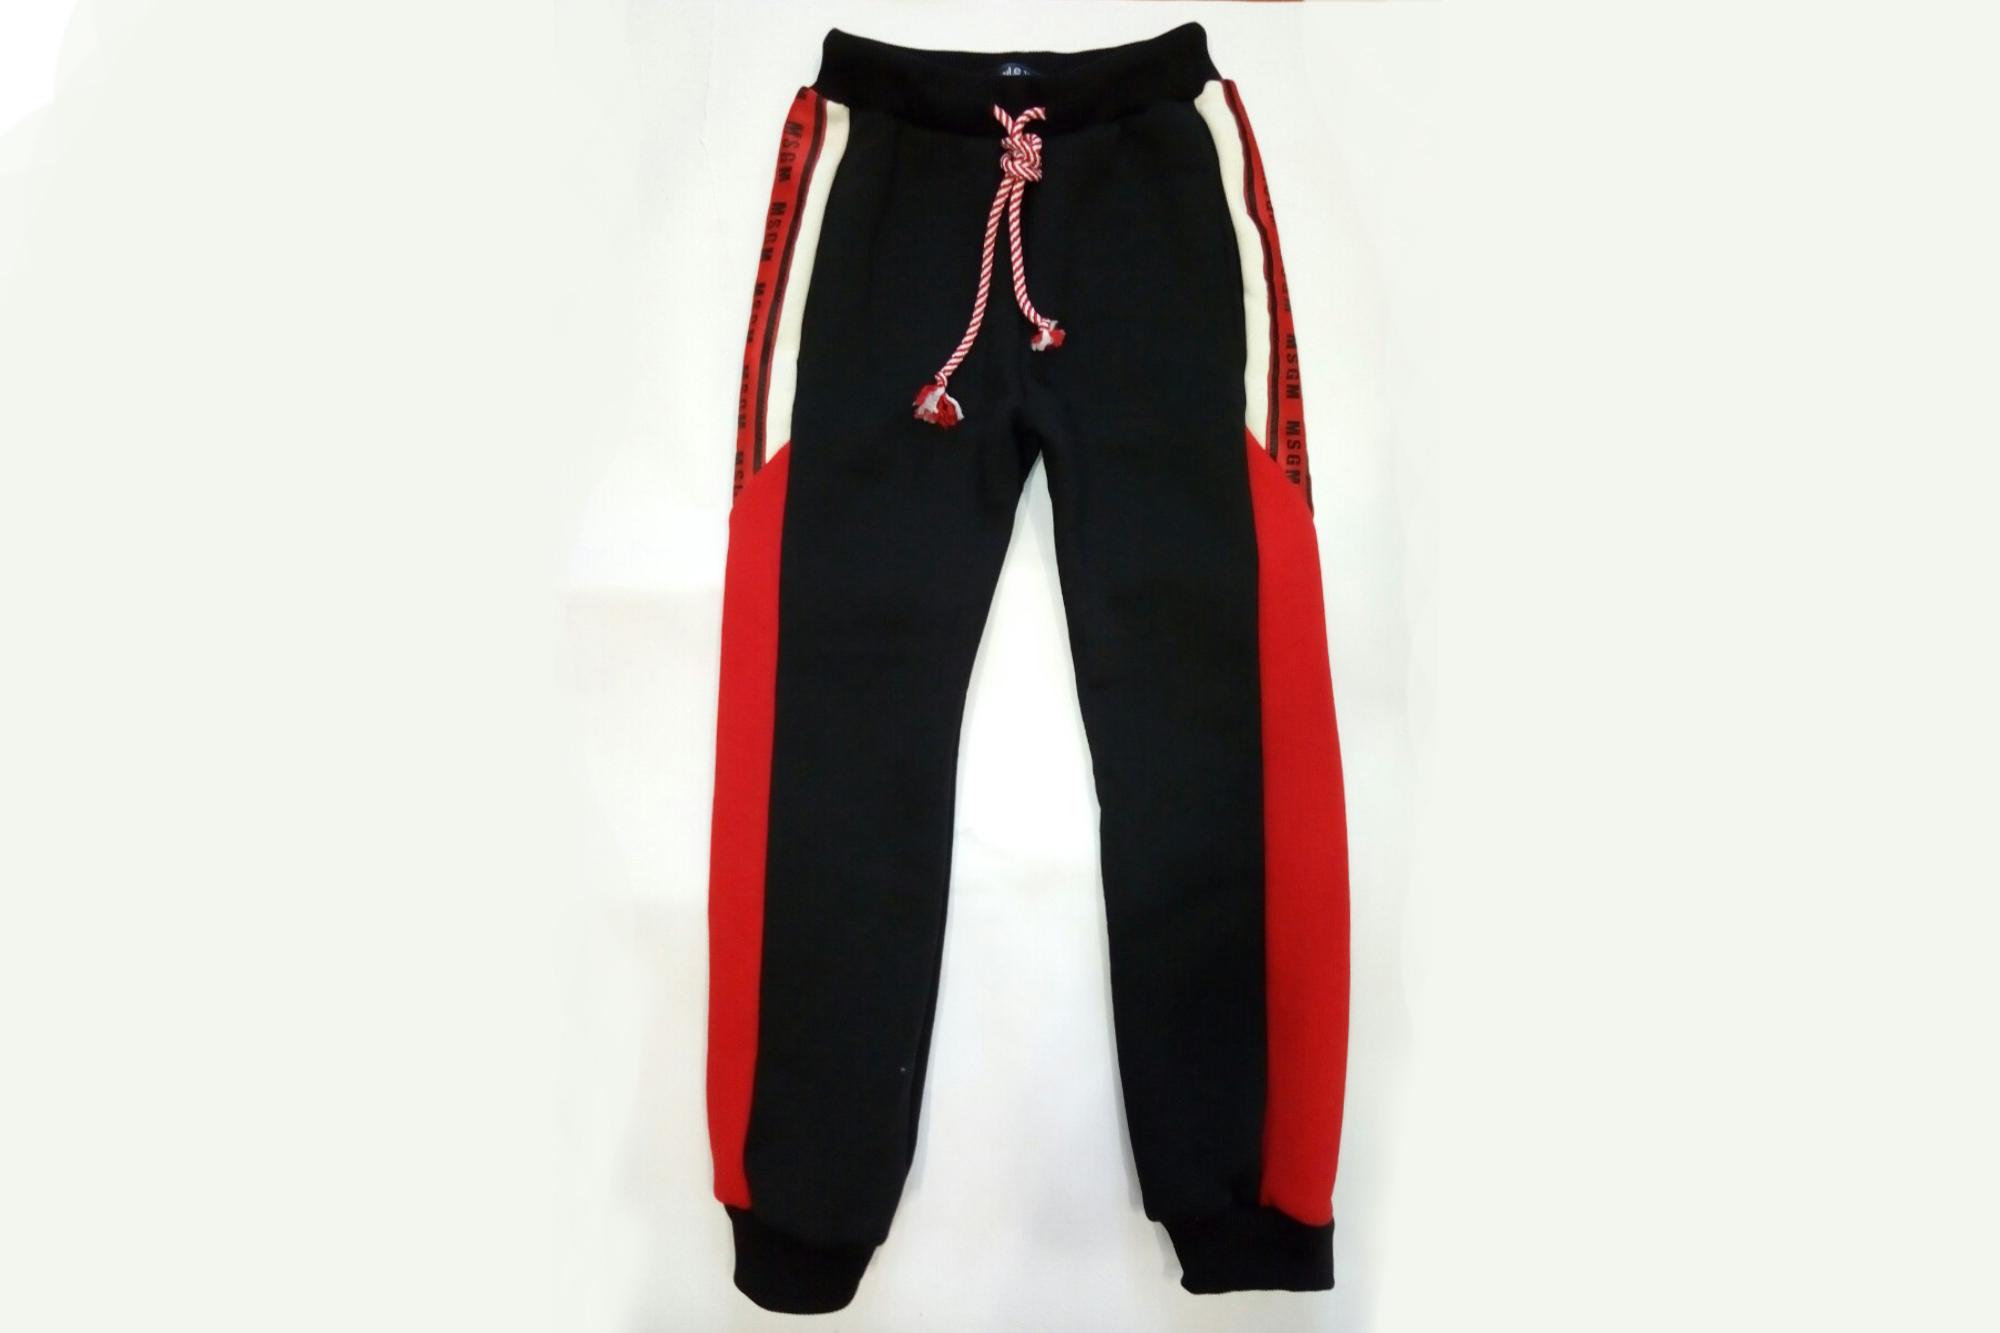 Штаны спортивные SmileTime для мальчика утепленные MSGM, черные с красным